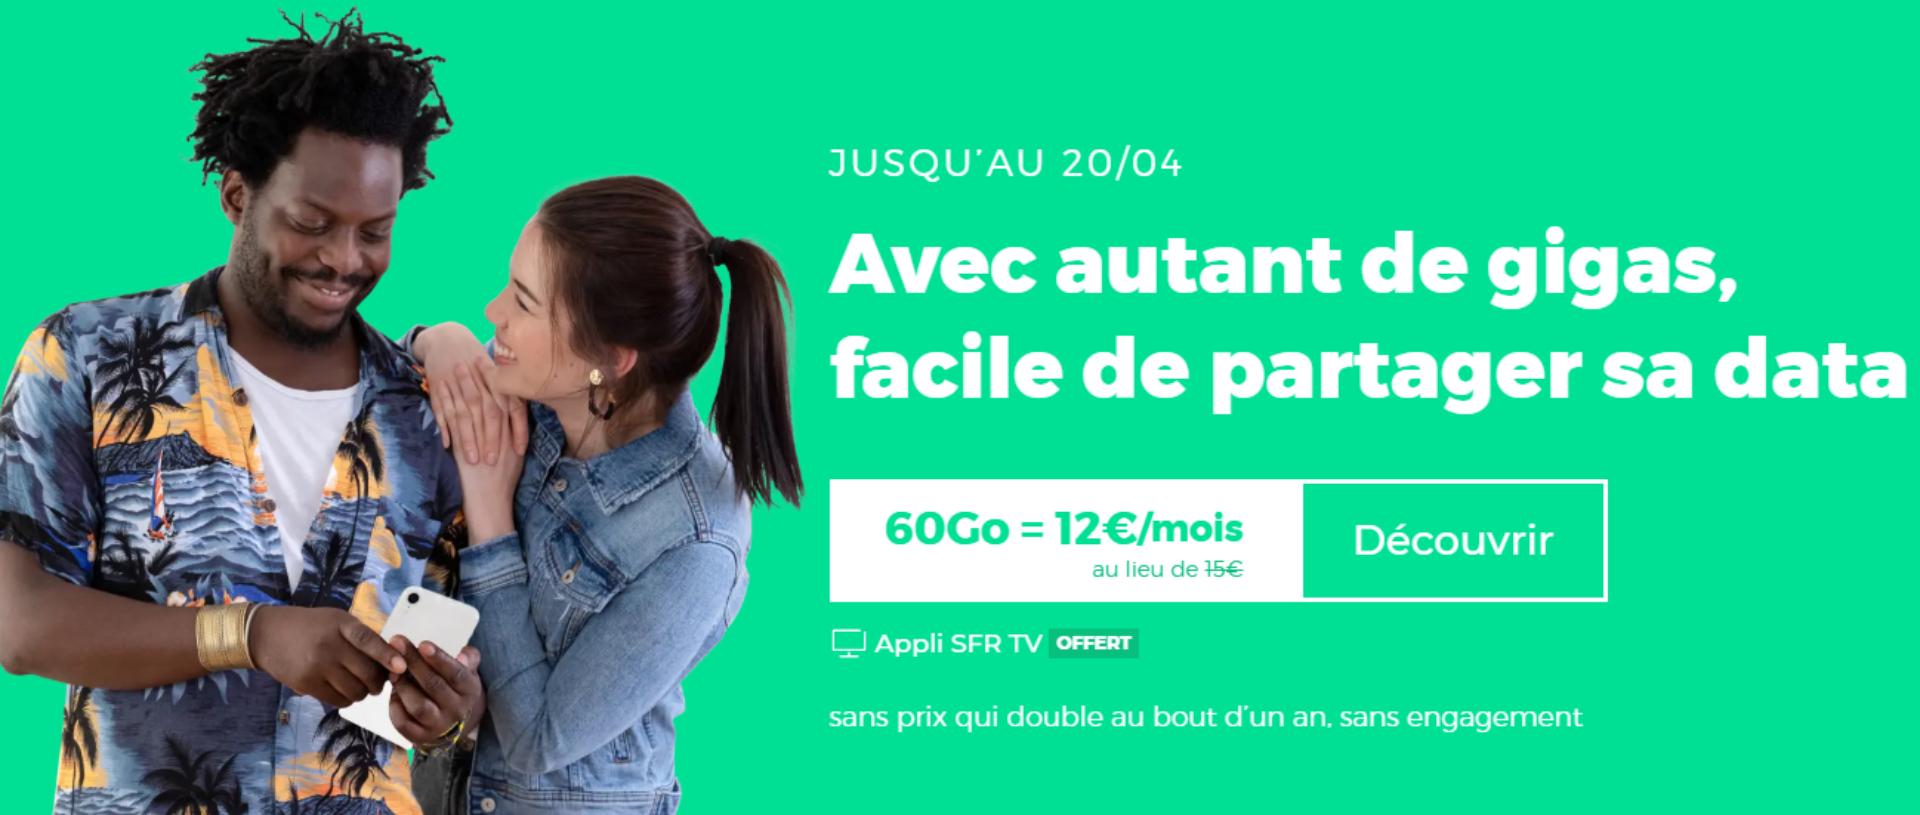 Forfait mobile : 60 Go pour 12 euros par mois et sans évolution de prix